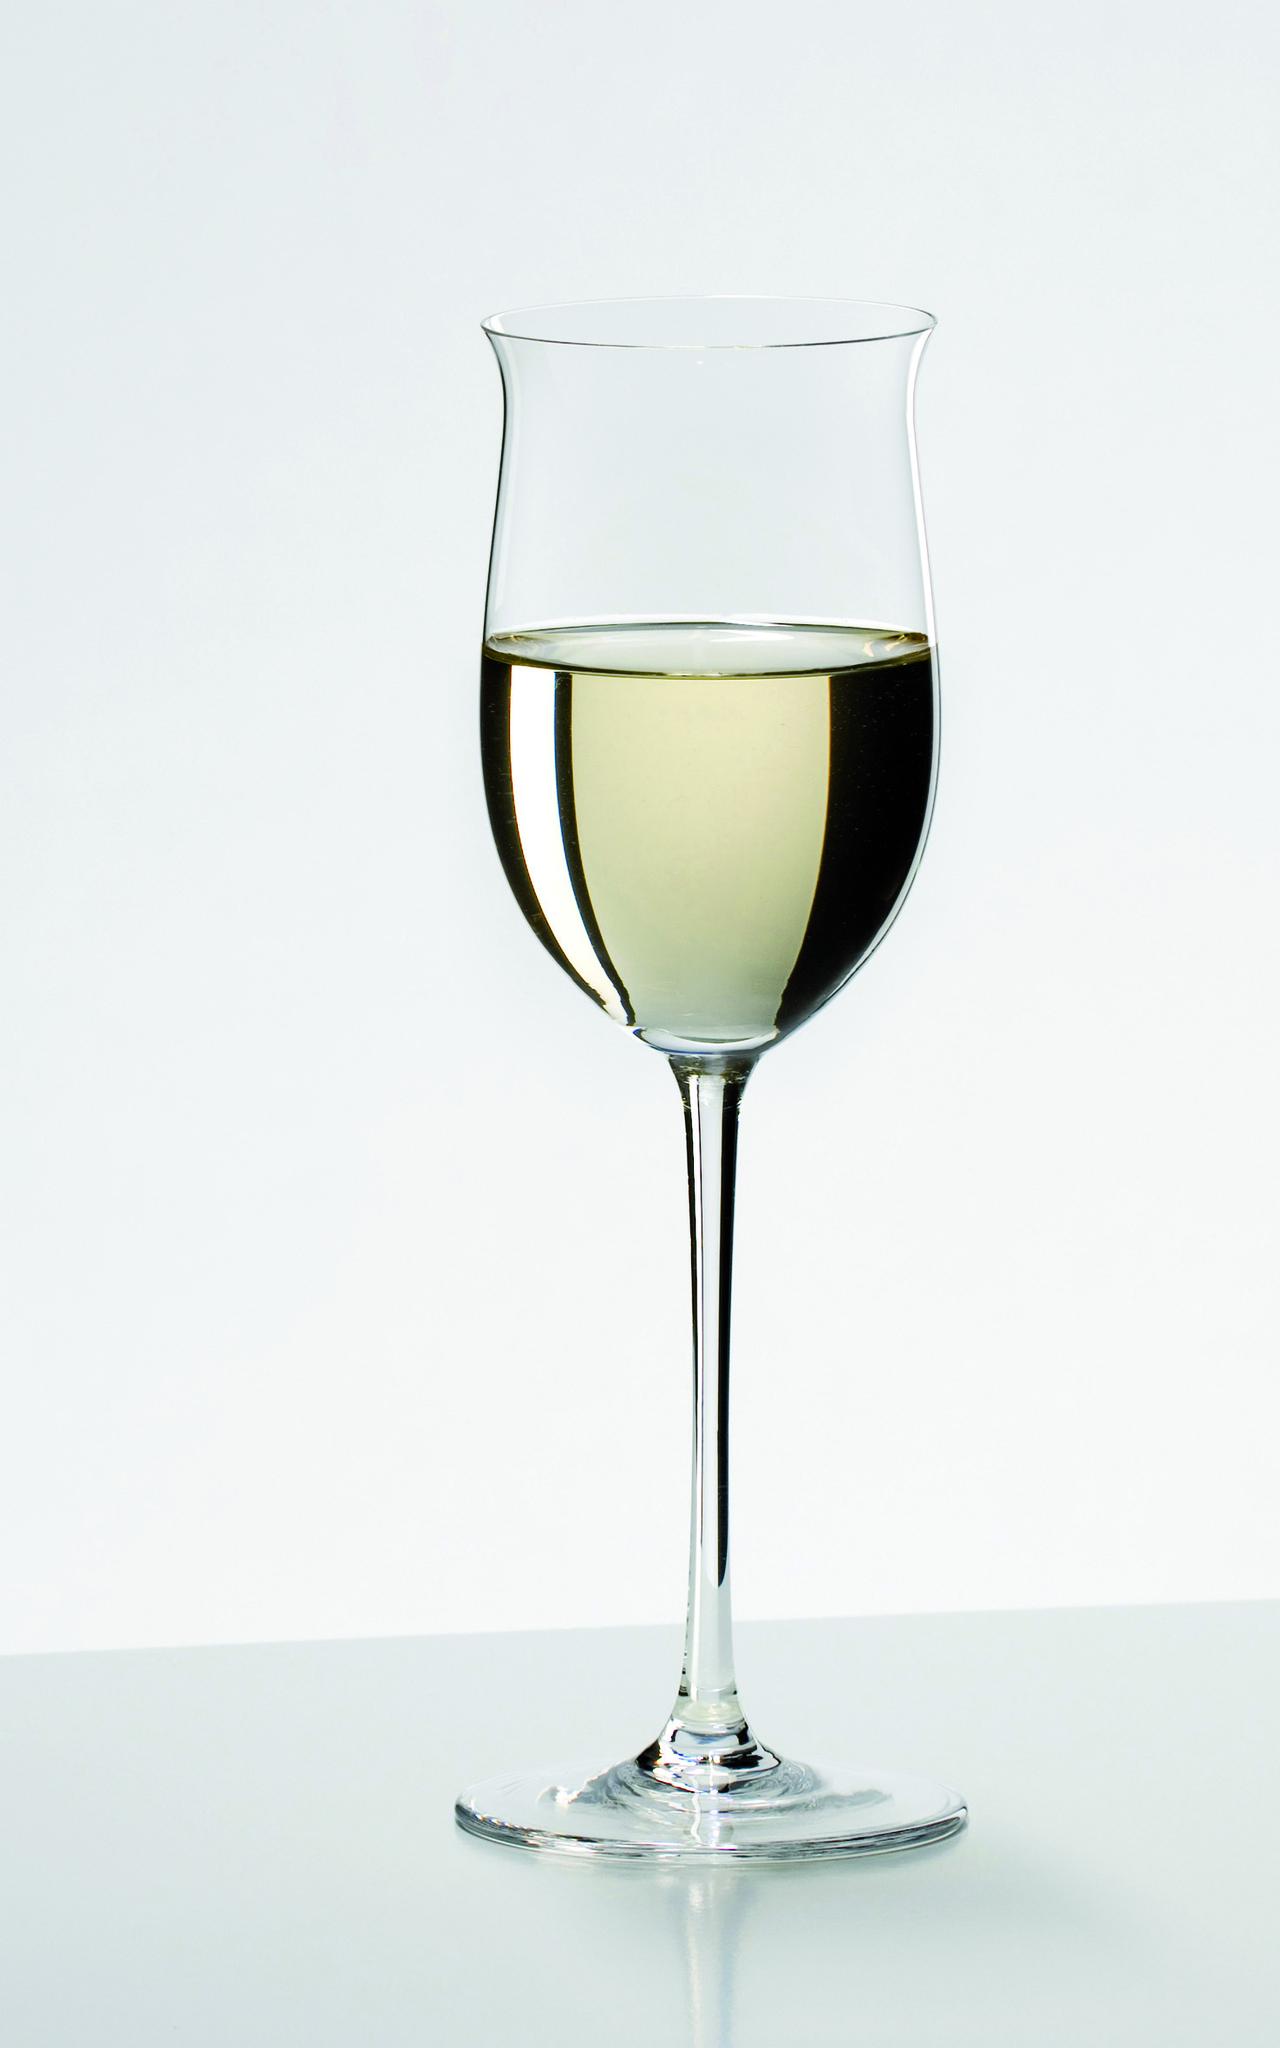 Бокалы Бокал для белого вина 210мл Riedel Sommeliers Rheingau bokal-dlya-belogo-vina-210-ml-riedel-rheingau-avstriya-foto.jpg